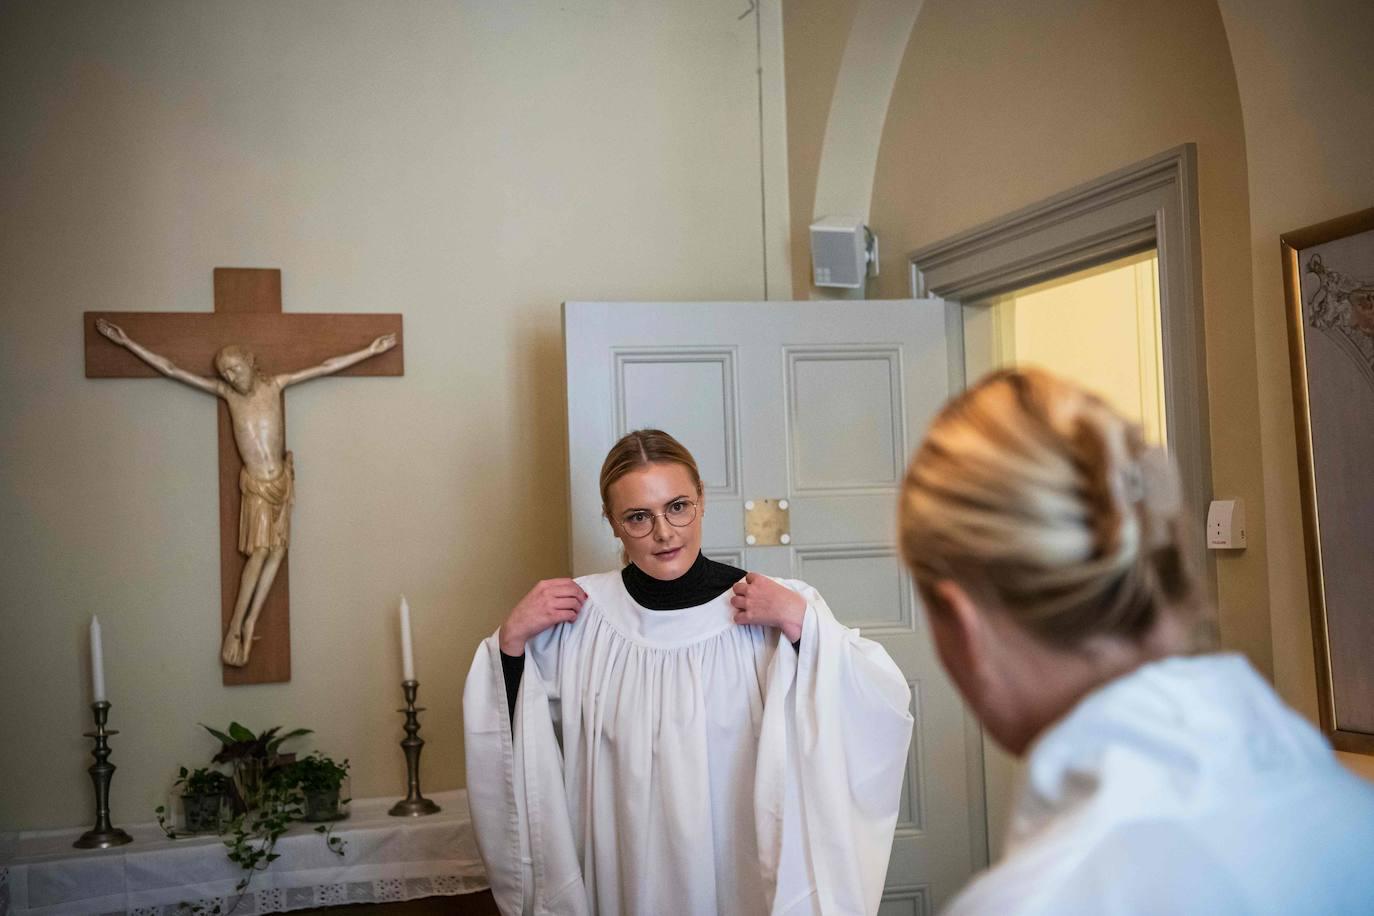 Mujer ejerce el sacerdocio